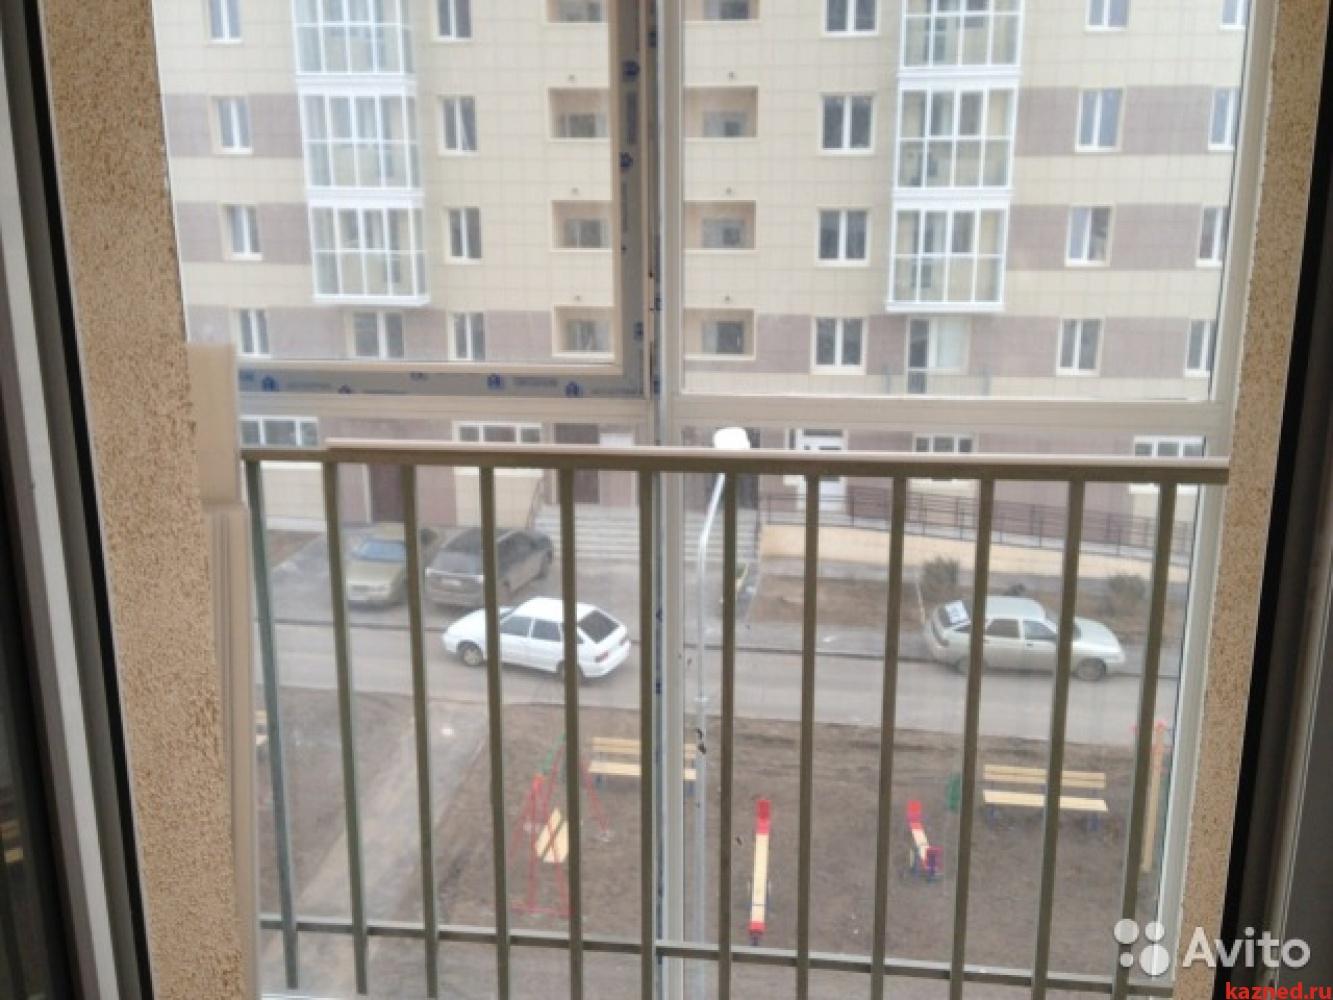 Продажа 1-к квартиры Космонавтов 61 в, 31 м²  (миниатюра №7)